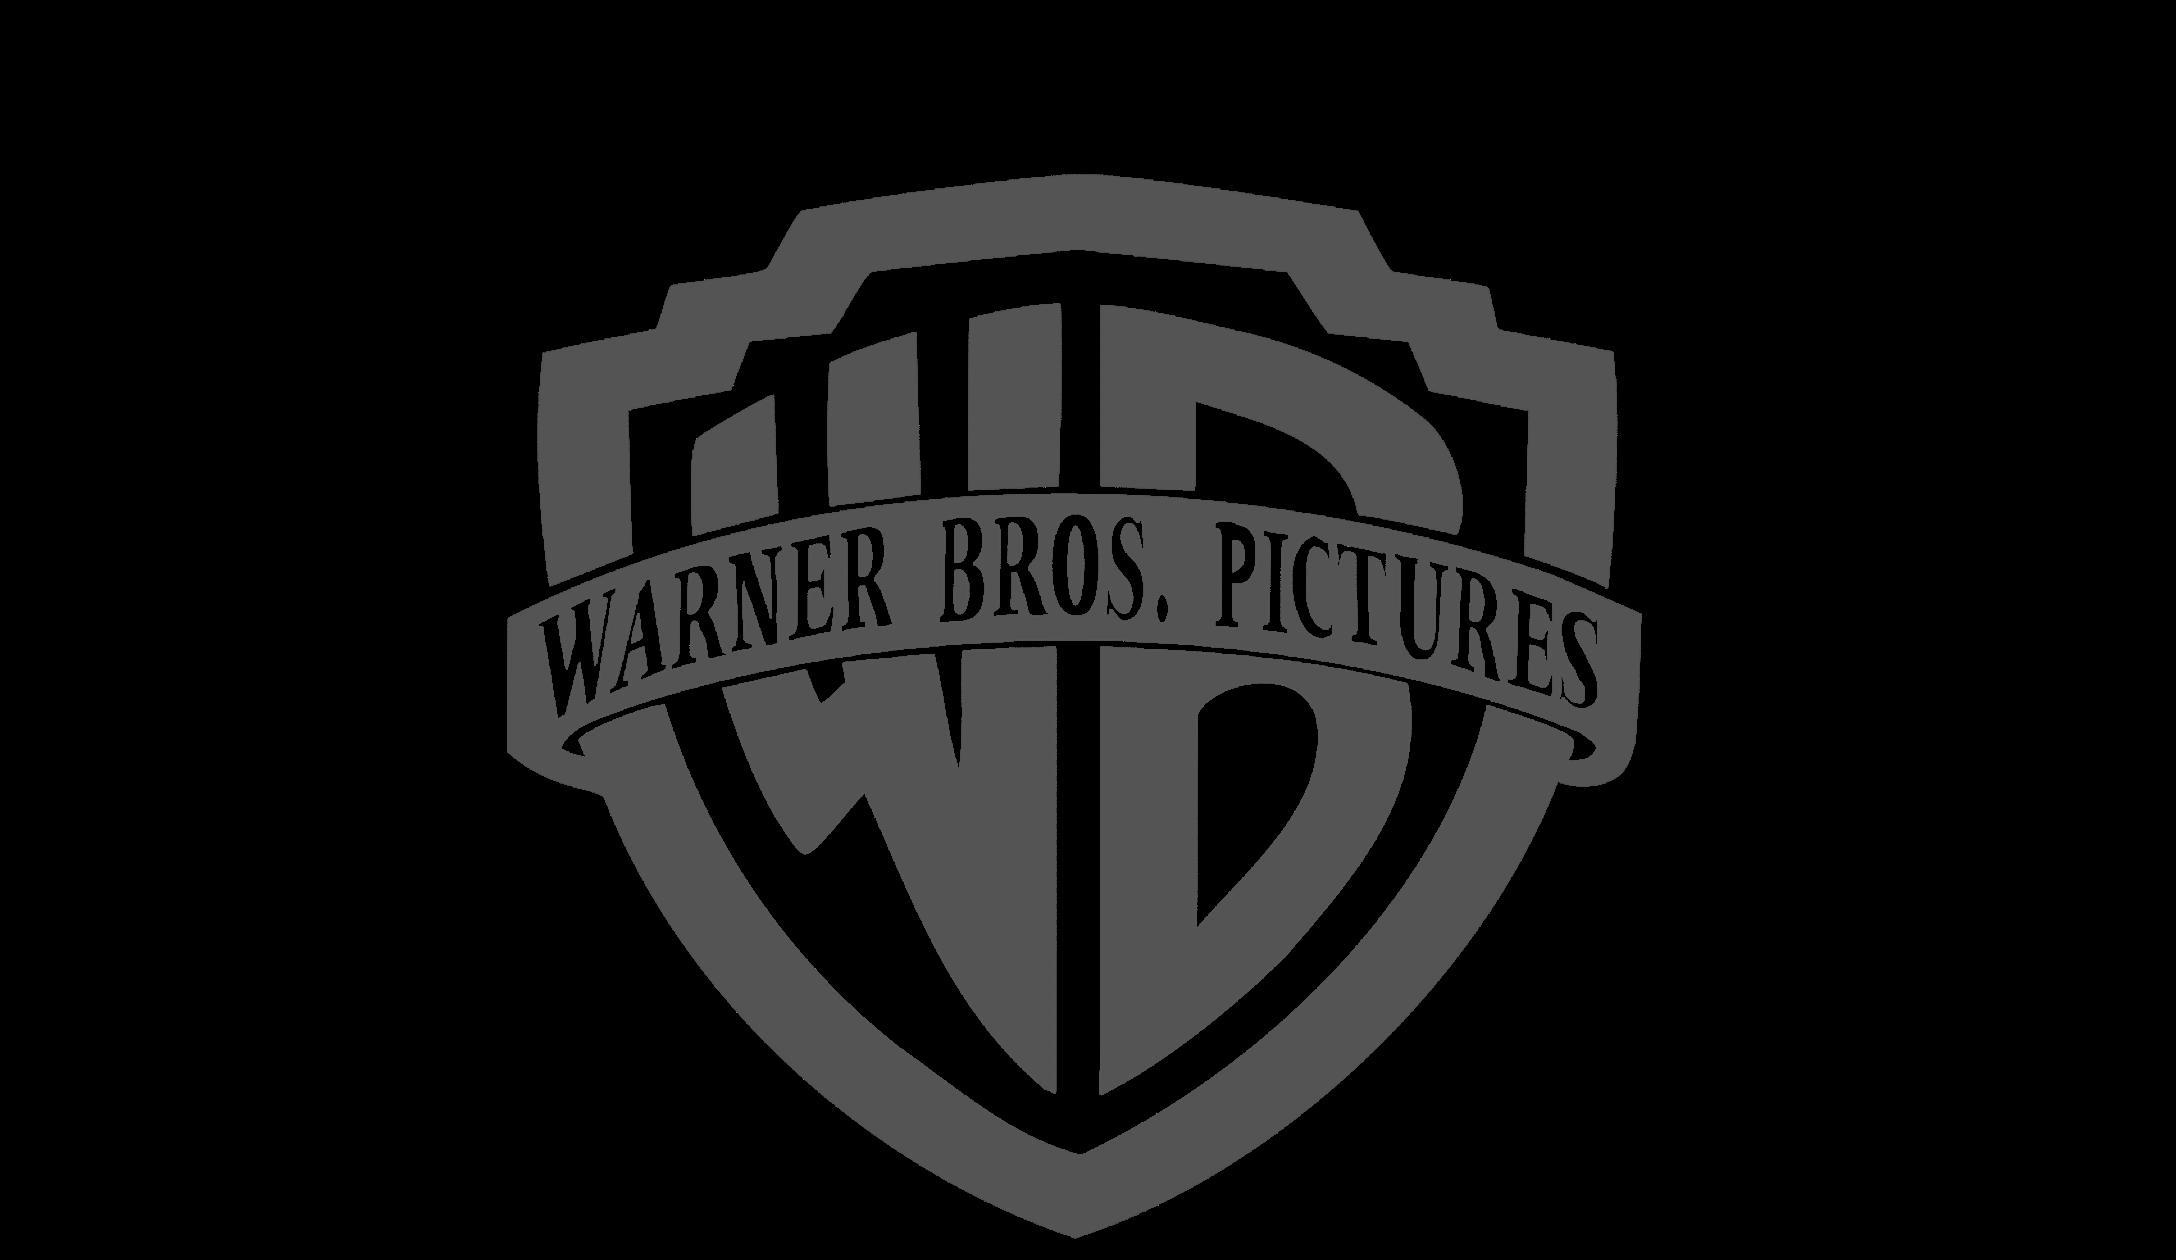 warner-bros-logo-png-png-2176x1260-warner-bros-logo-black-background-2176.png